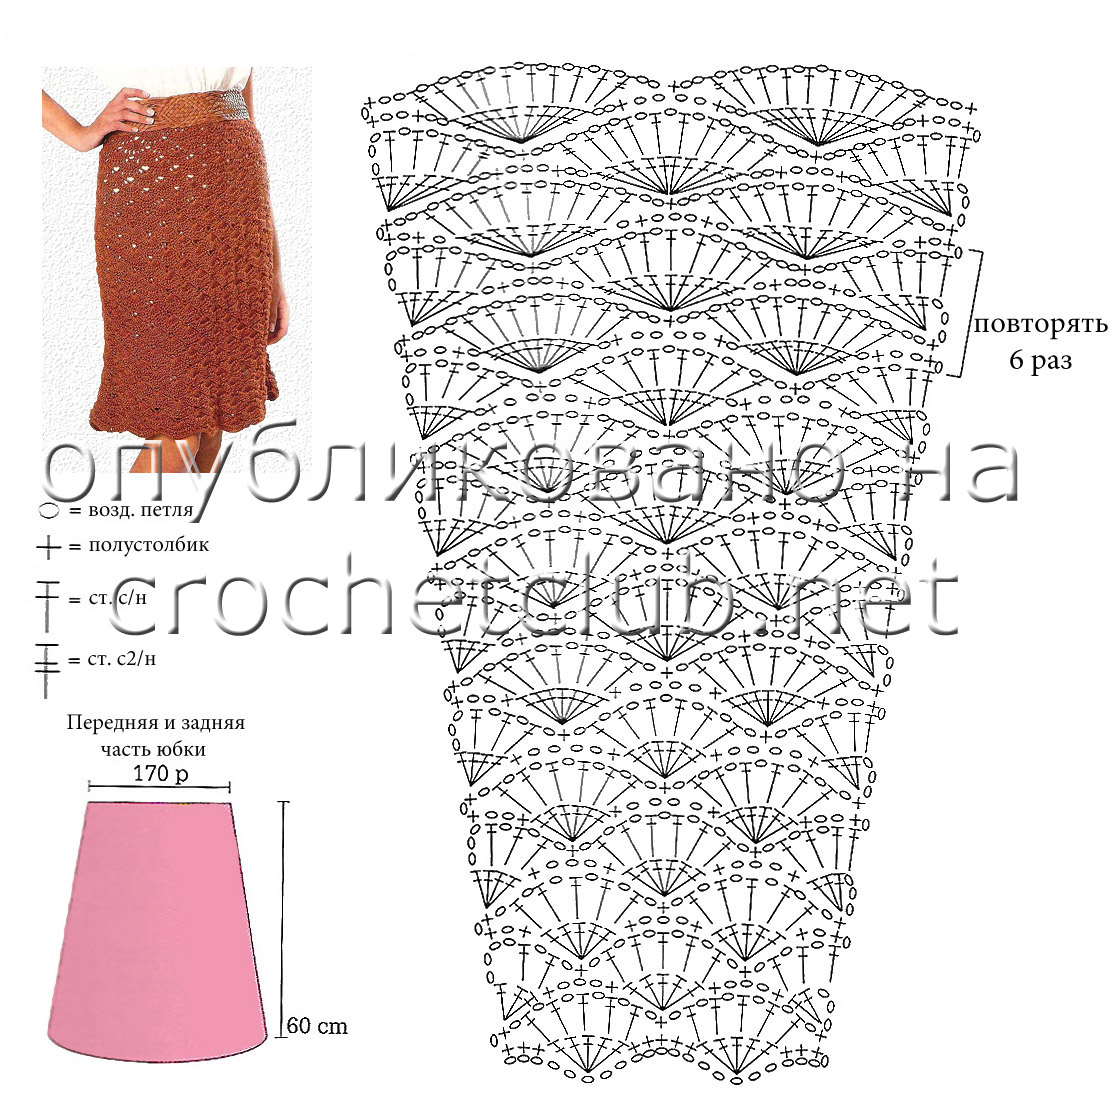 Вязание крючок юбки схемы фото